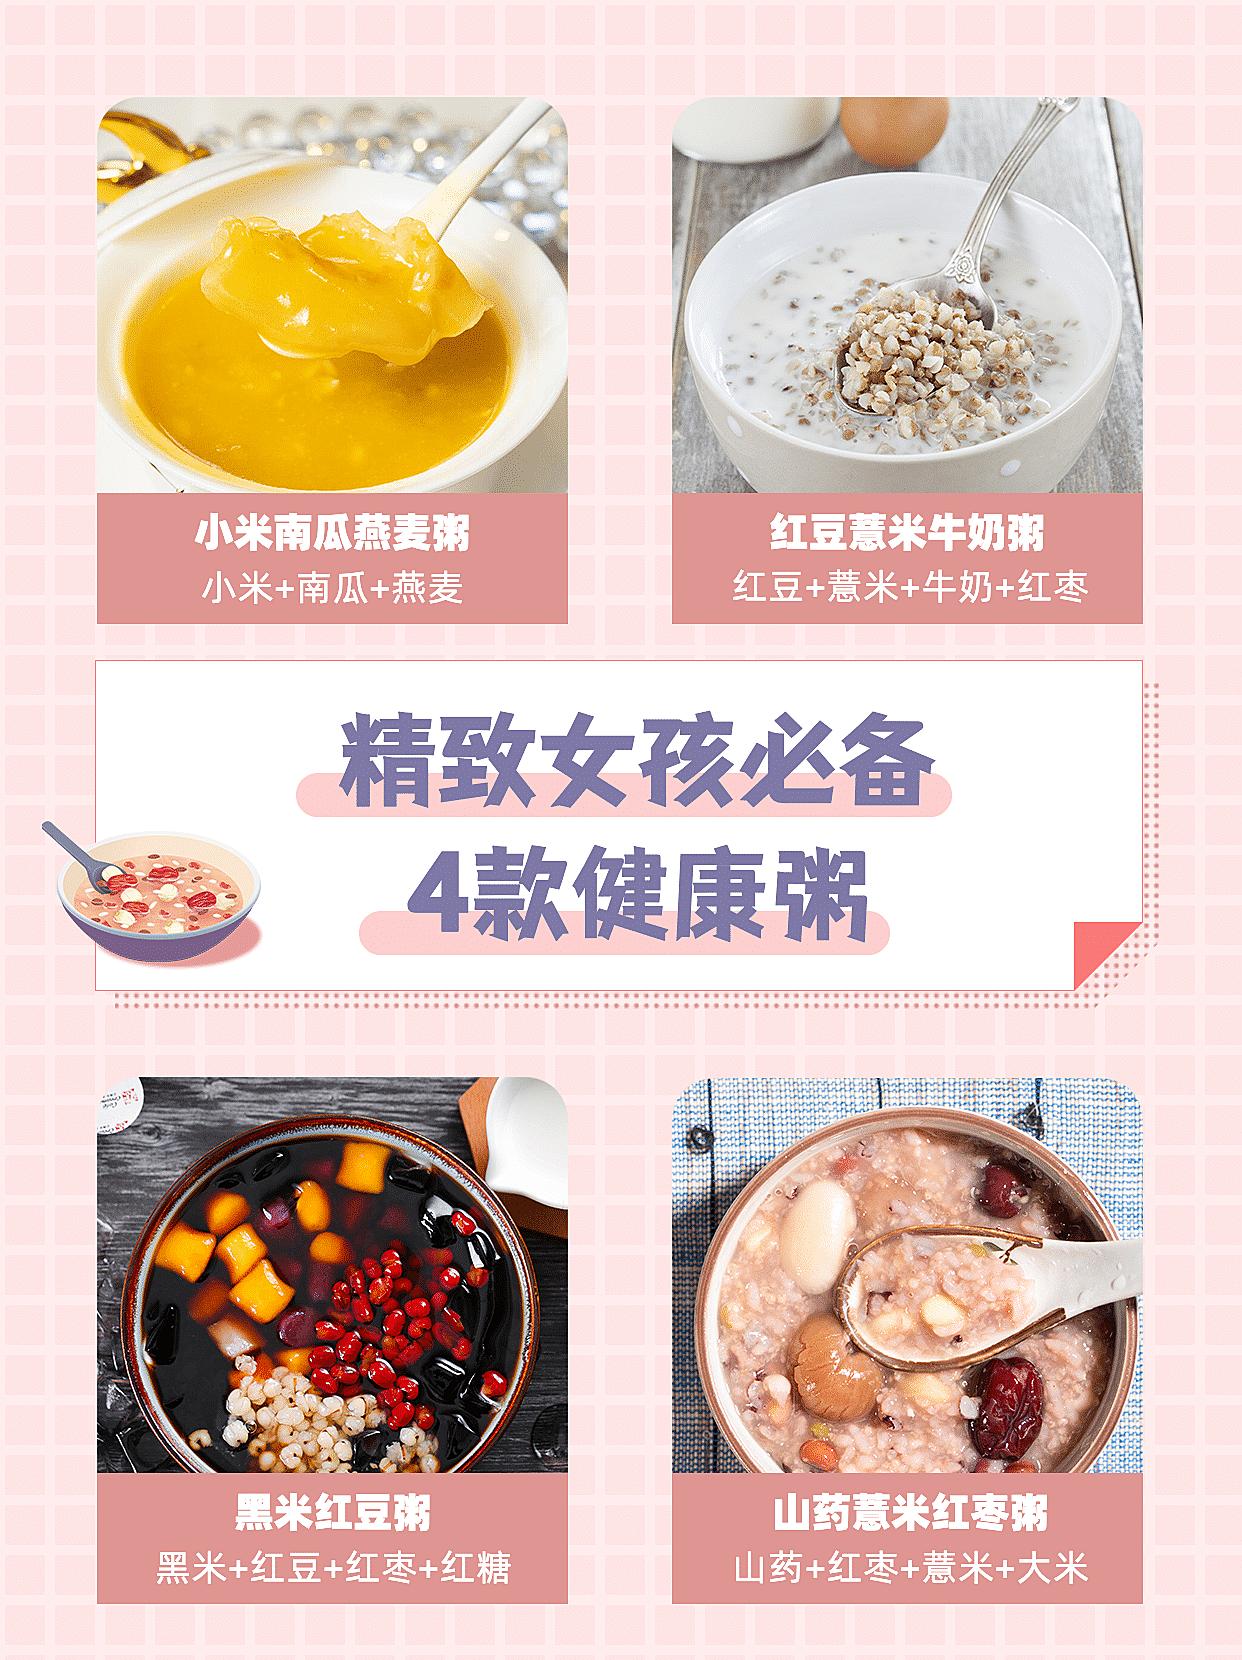 健康食谱知识科普小红书封面配图